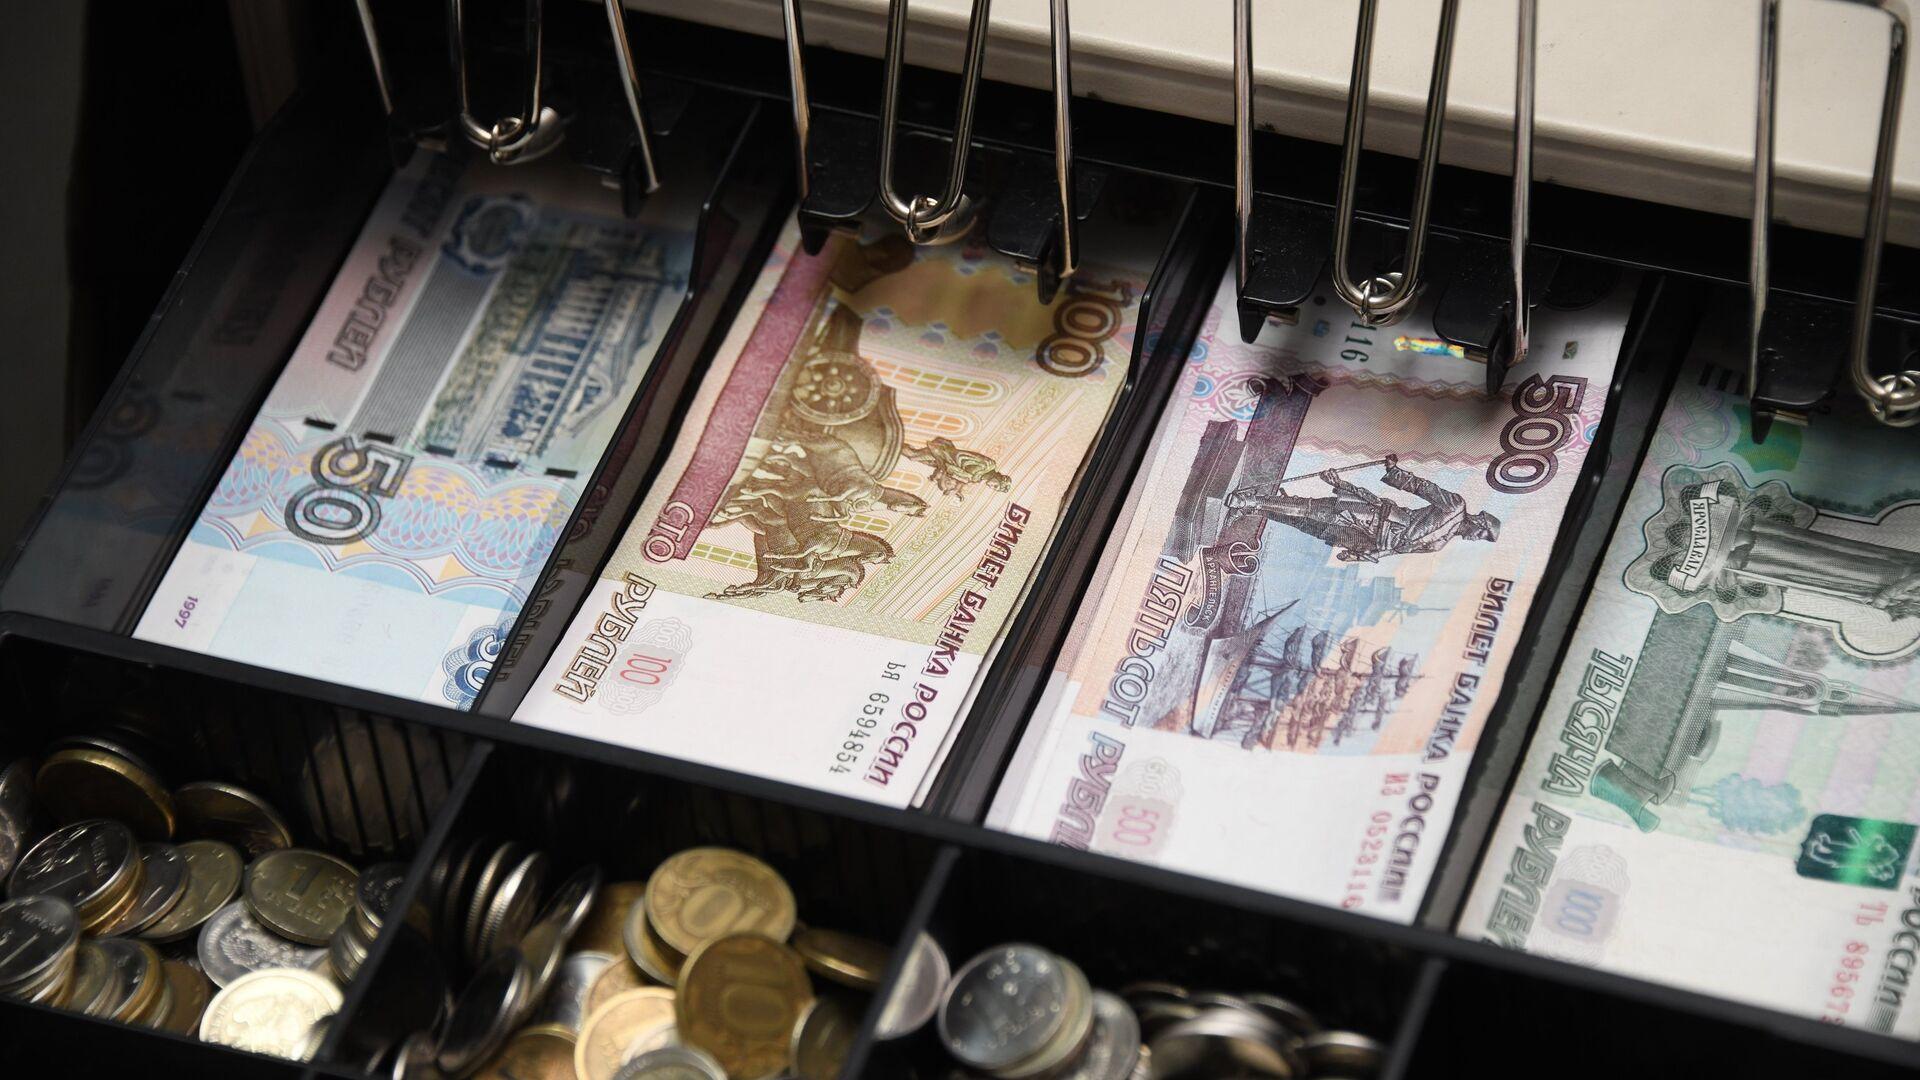 РБК: ФНС предложила ужесточить контроль за продавцами на рынках